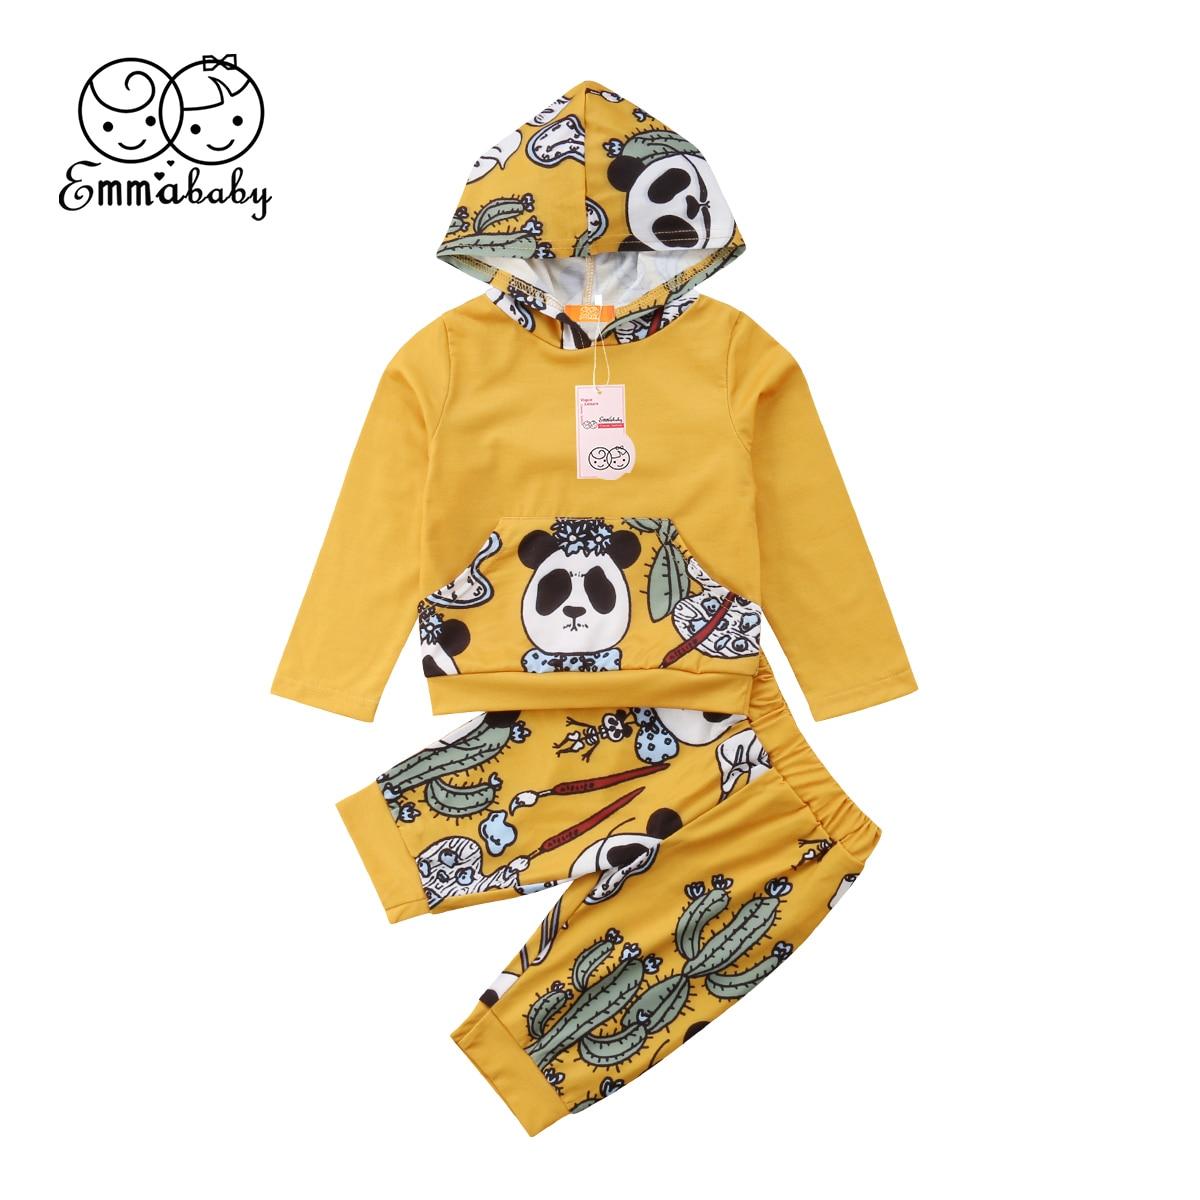 Compra halloween sweater outfit y disfruta del envío gratuito en  AliExpress.com 0011ce3d39d6